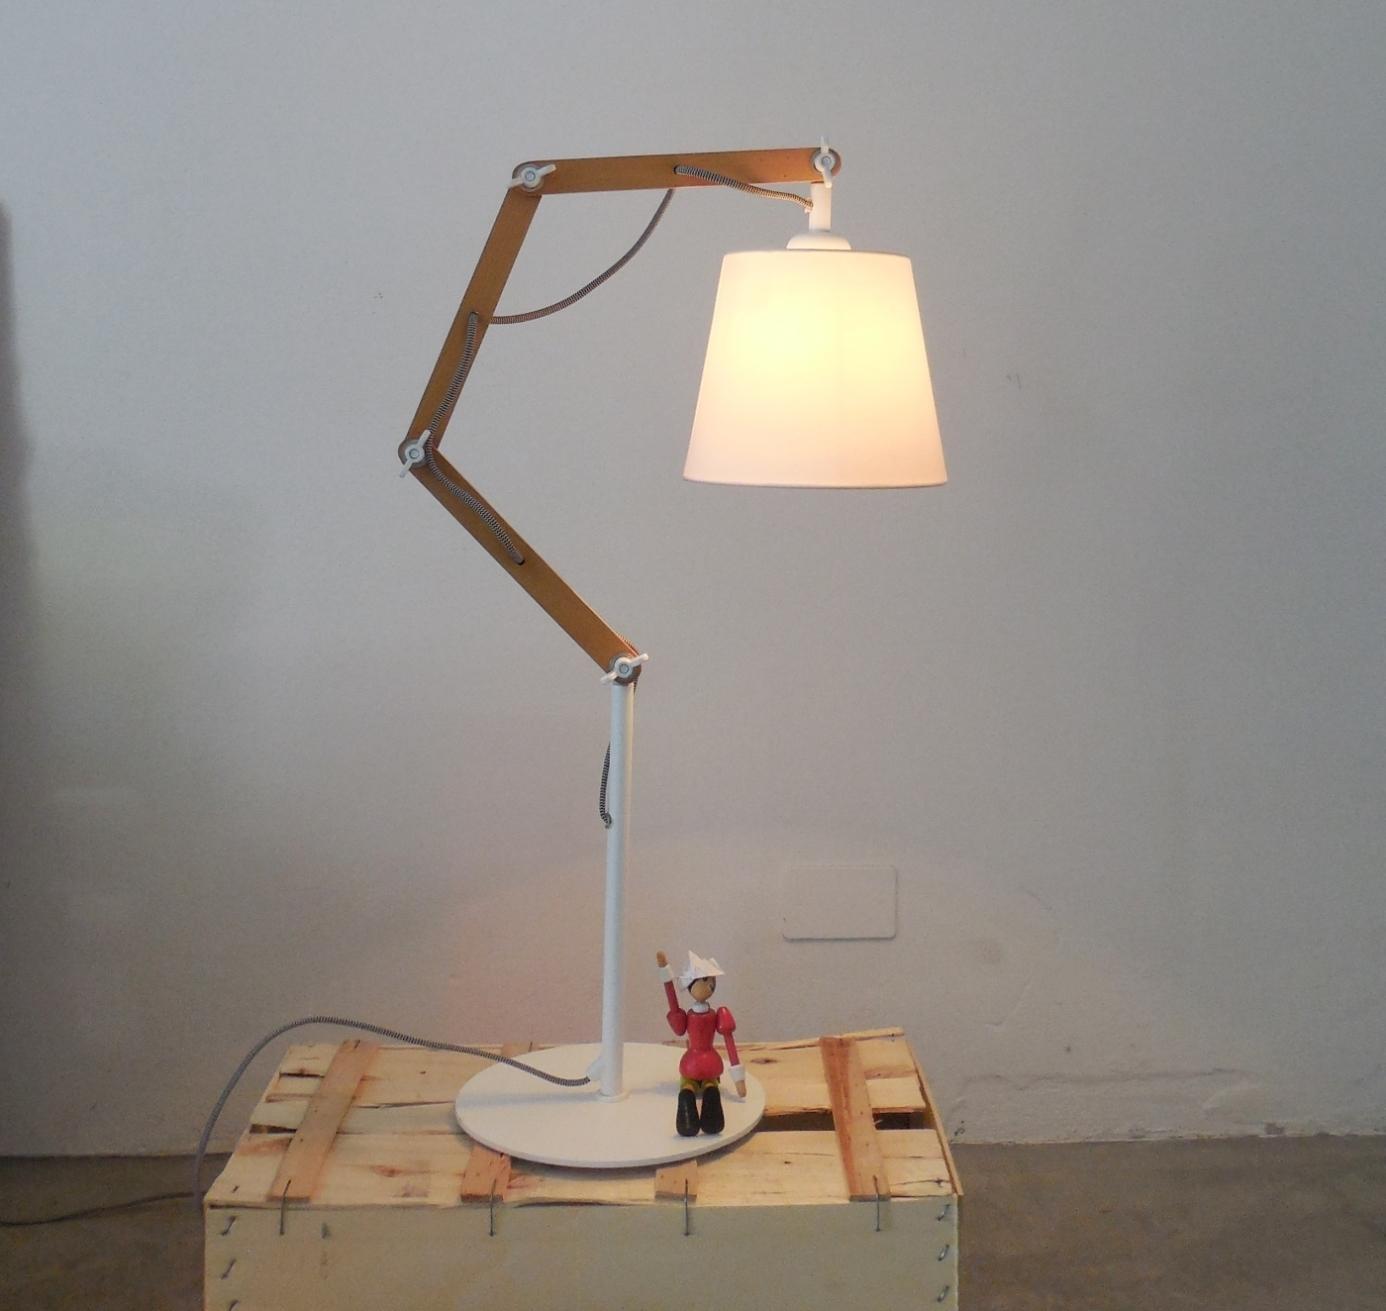 Illuminazione aromas del campo a1 lampada da tavolo table lamp amazon illuminazione a prezzi - Amazon lampade da tavolo ...